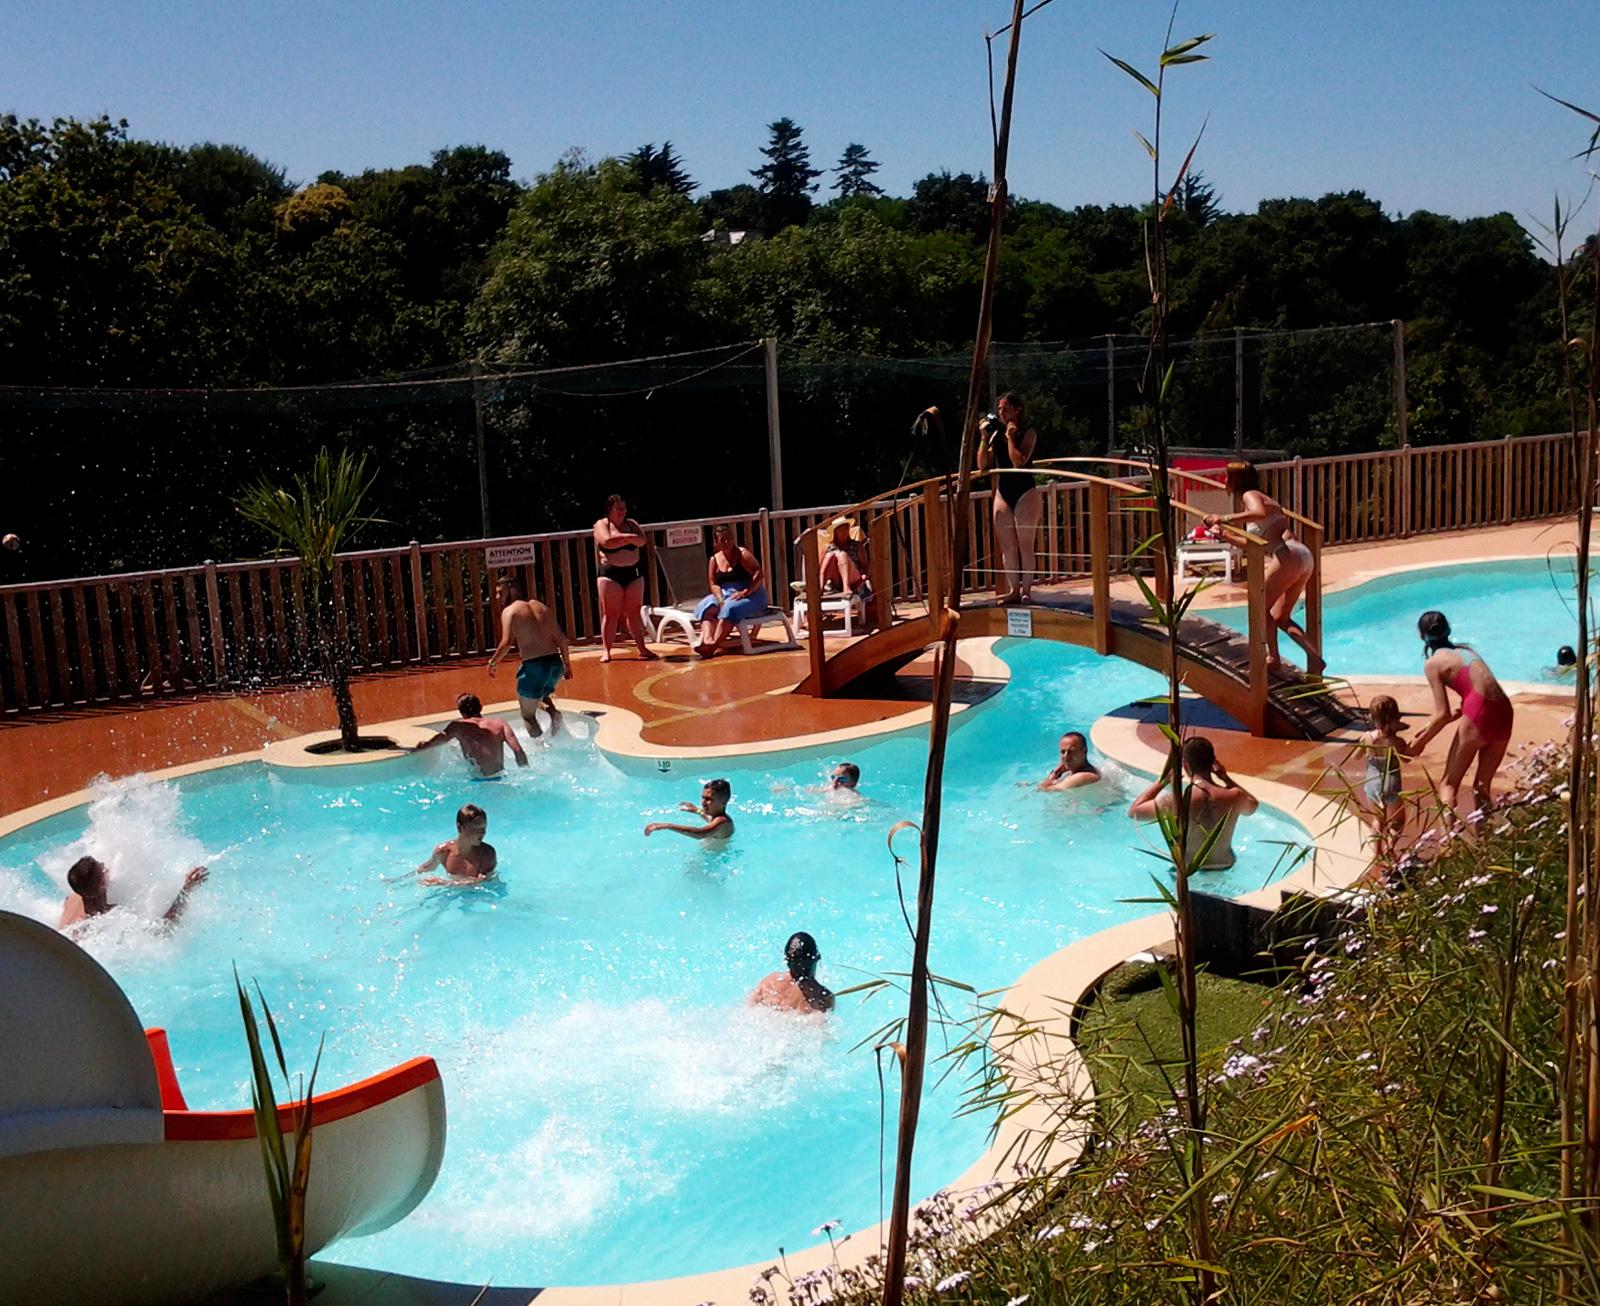 Camping en bretagne avec piscine couverte camping c tes for Camping en bretagne sud avec piscine couverte